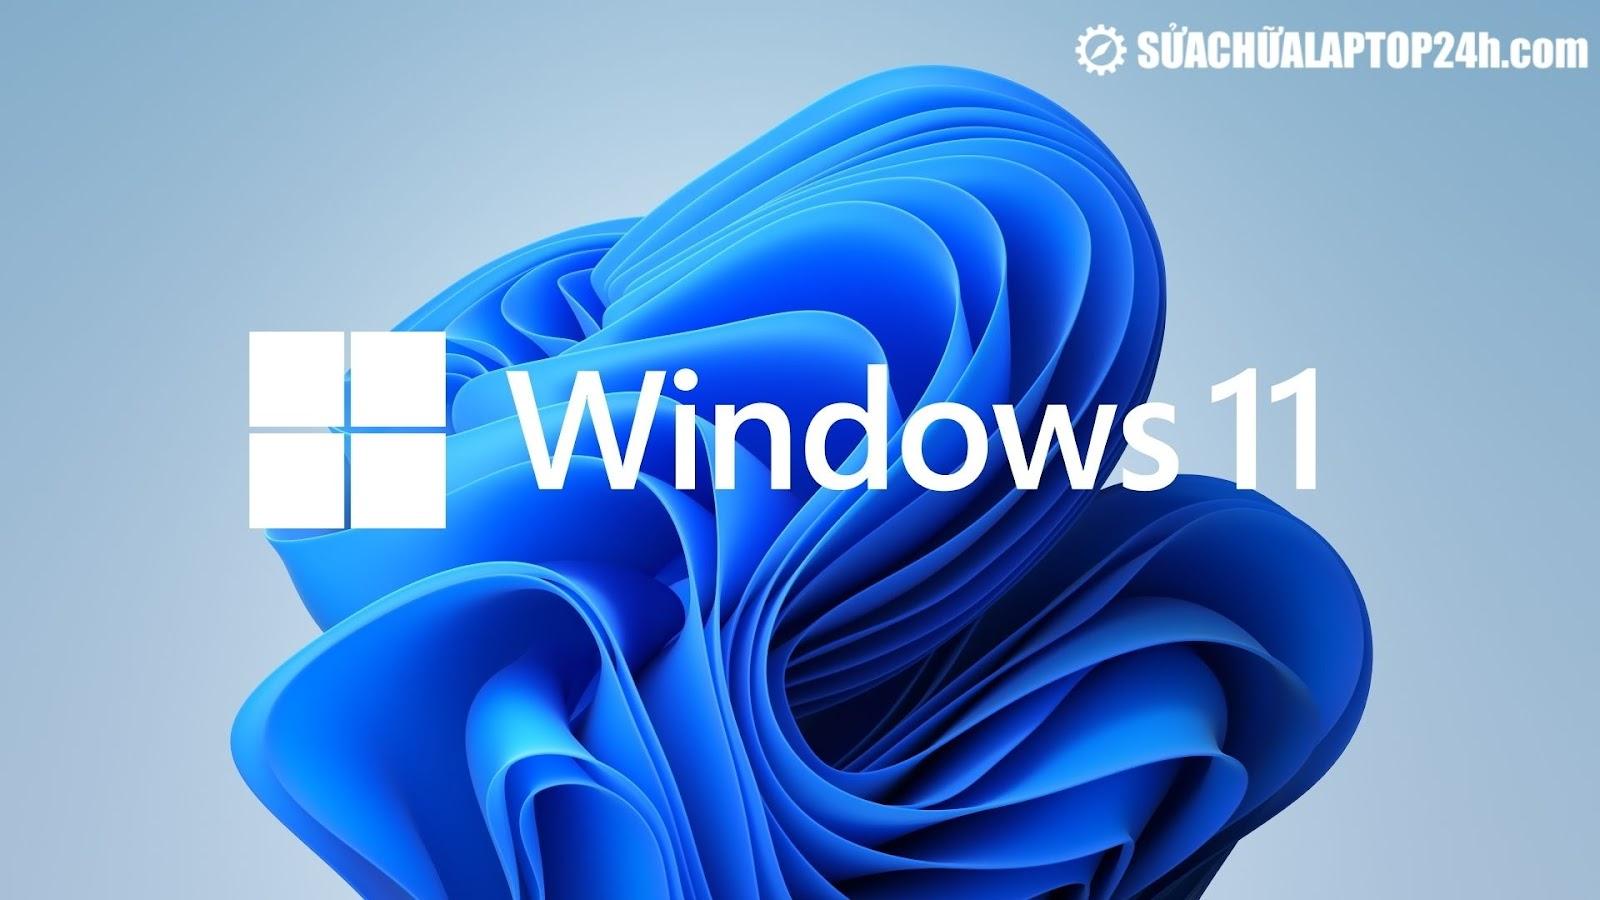 Windows 11 hiện đã có bản Build 22000.120 xem trước nội bộ thứ 4